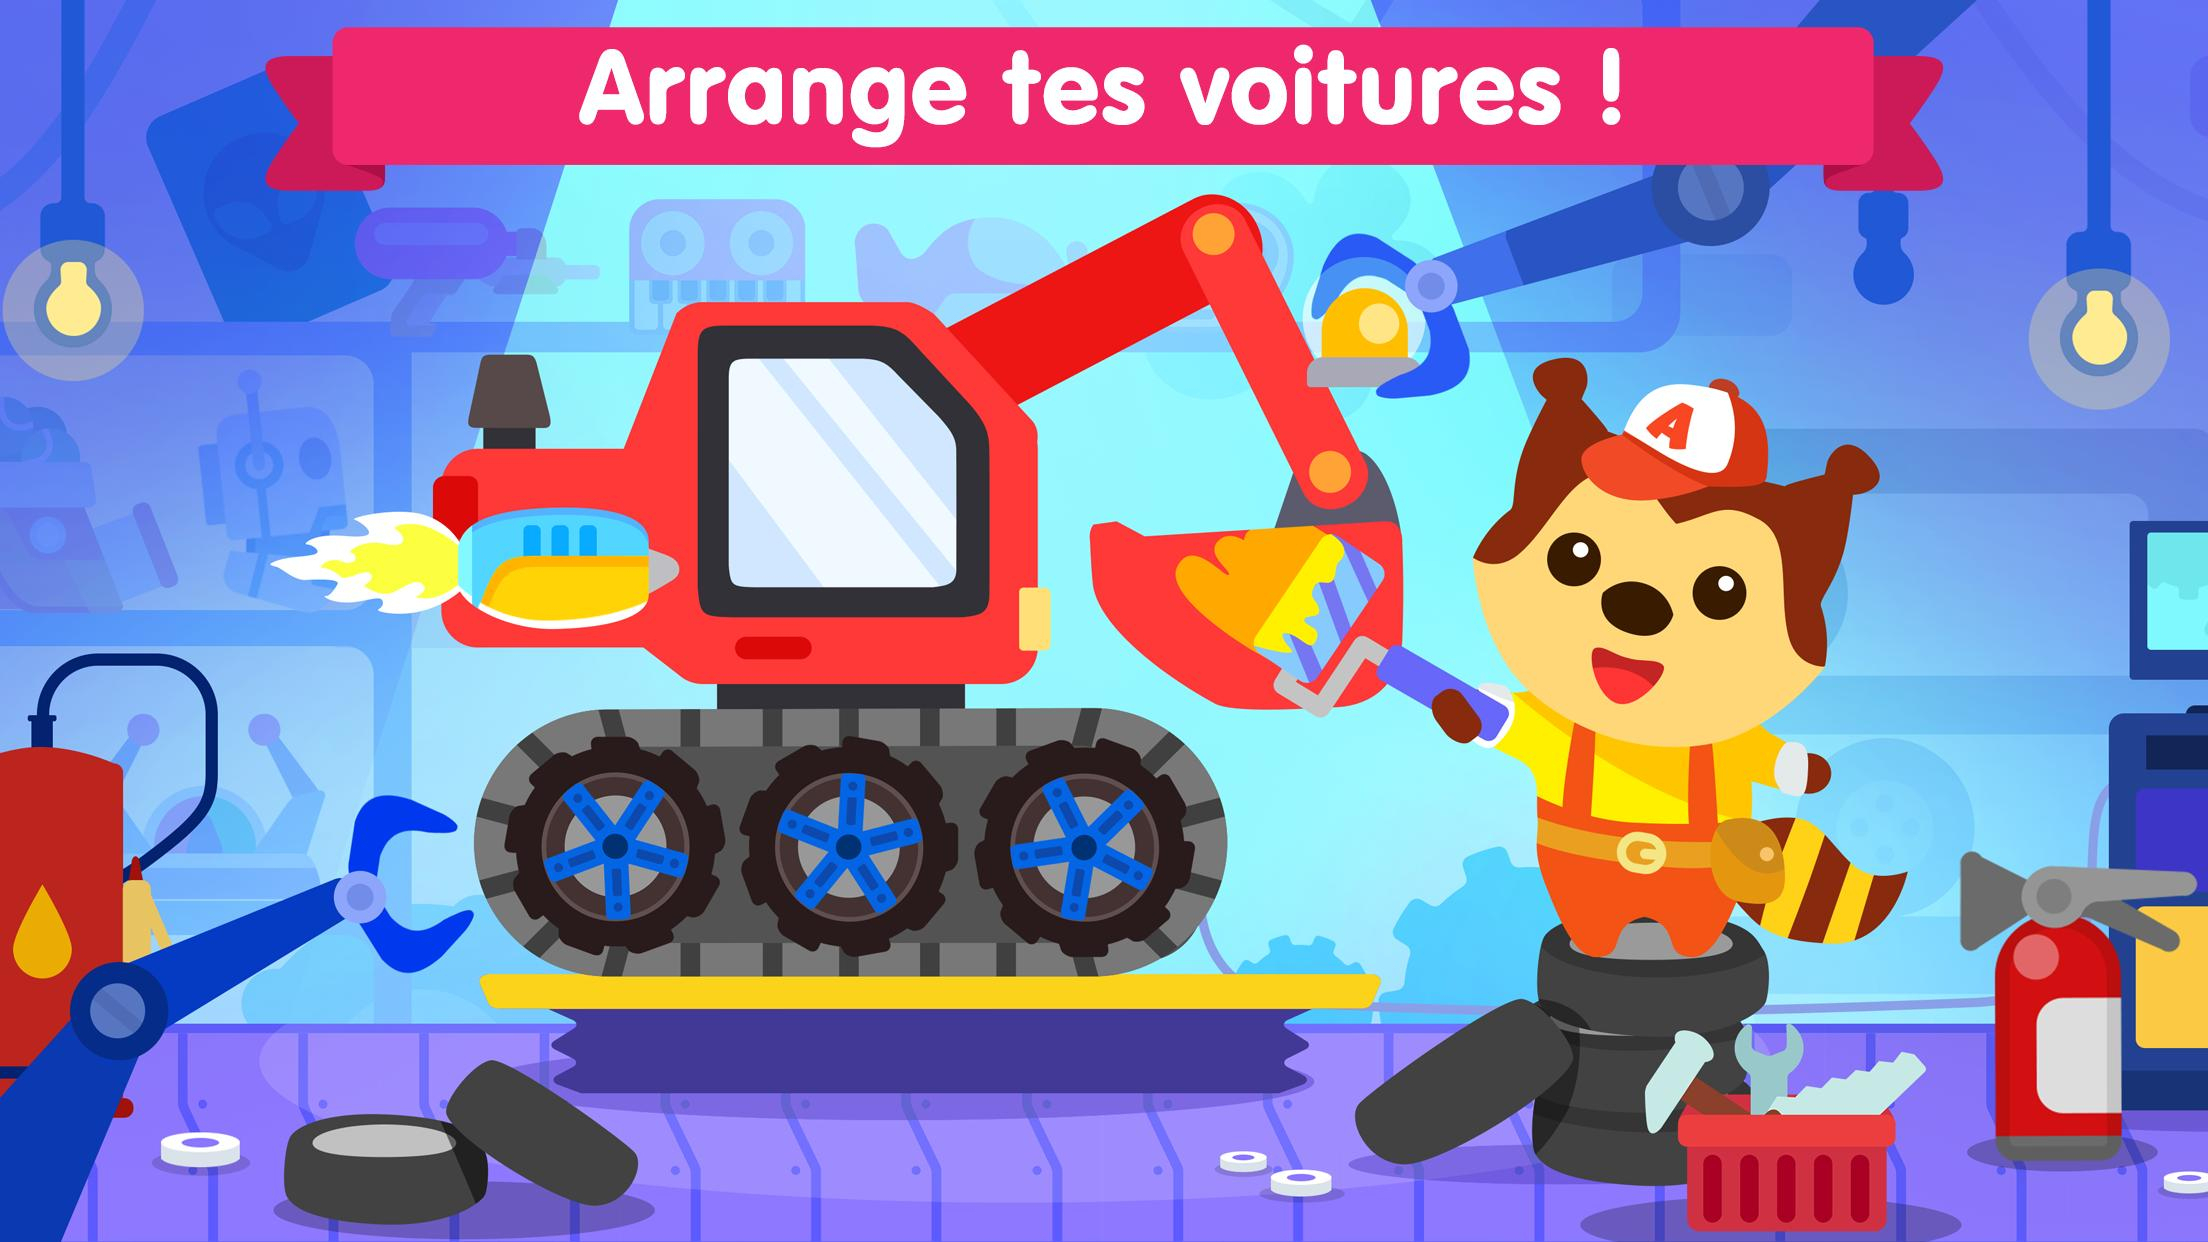 Jeux Pour Un Enfant De 3 Ans - Primanyc destiné Jeux Pour Enfant De 3 Ans